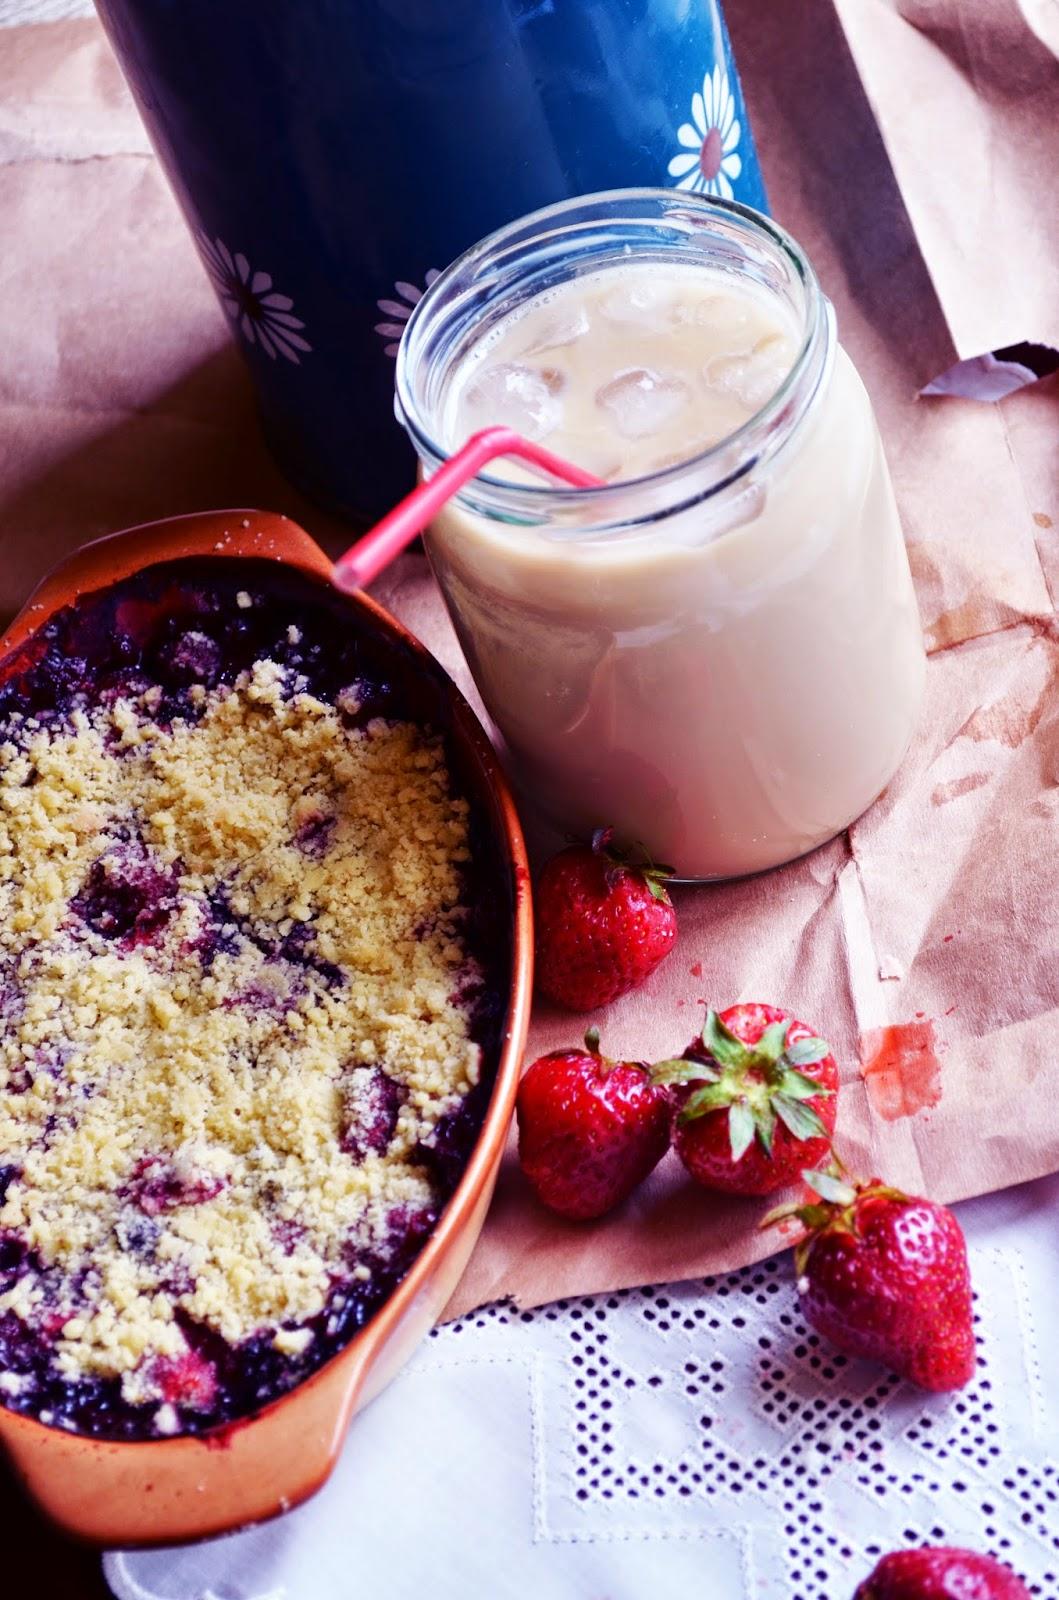 truskawki pieczone pod kruszonką, deser truskawkowy, lifelookangies, owocowy deser, kruszonka